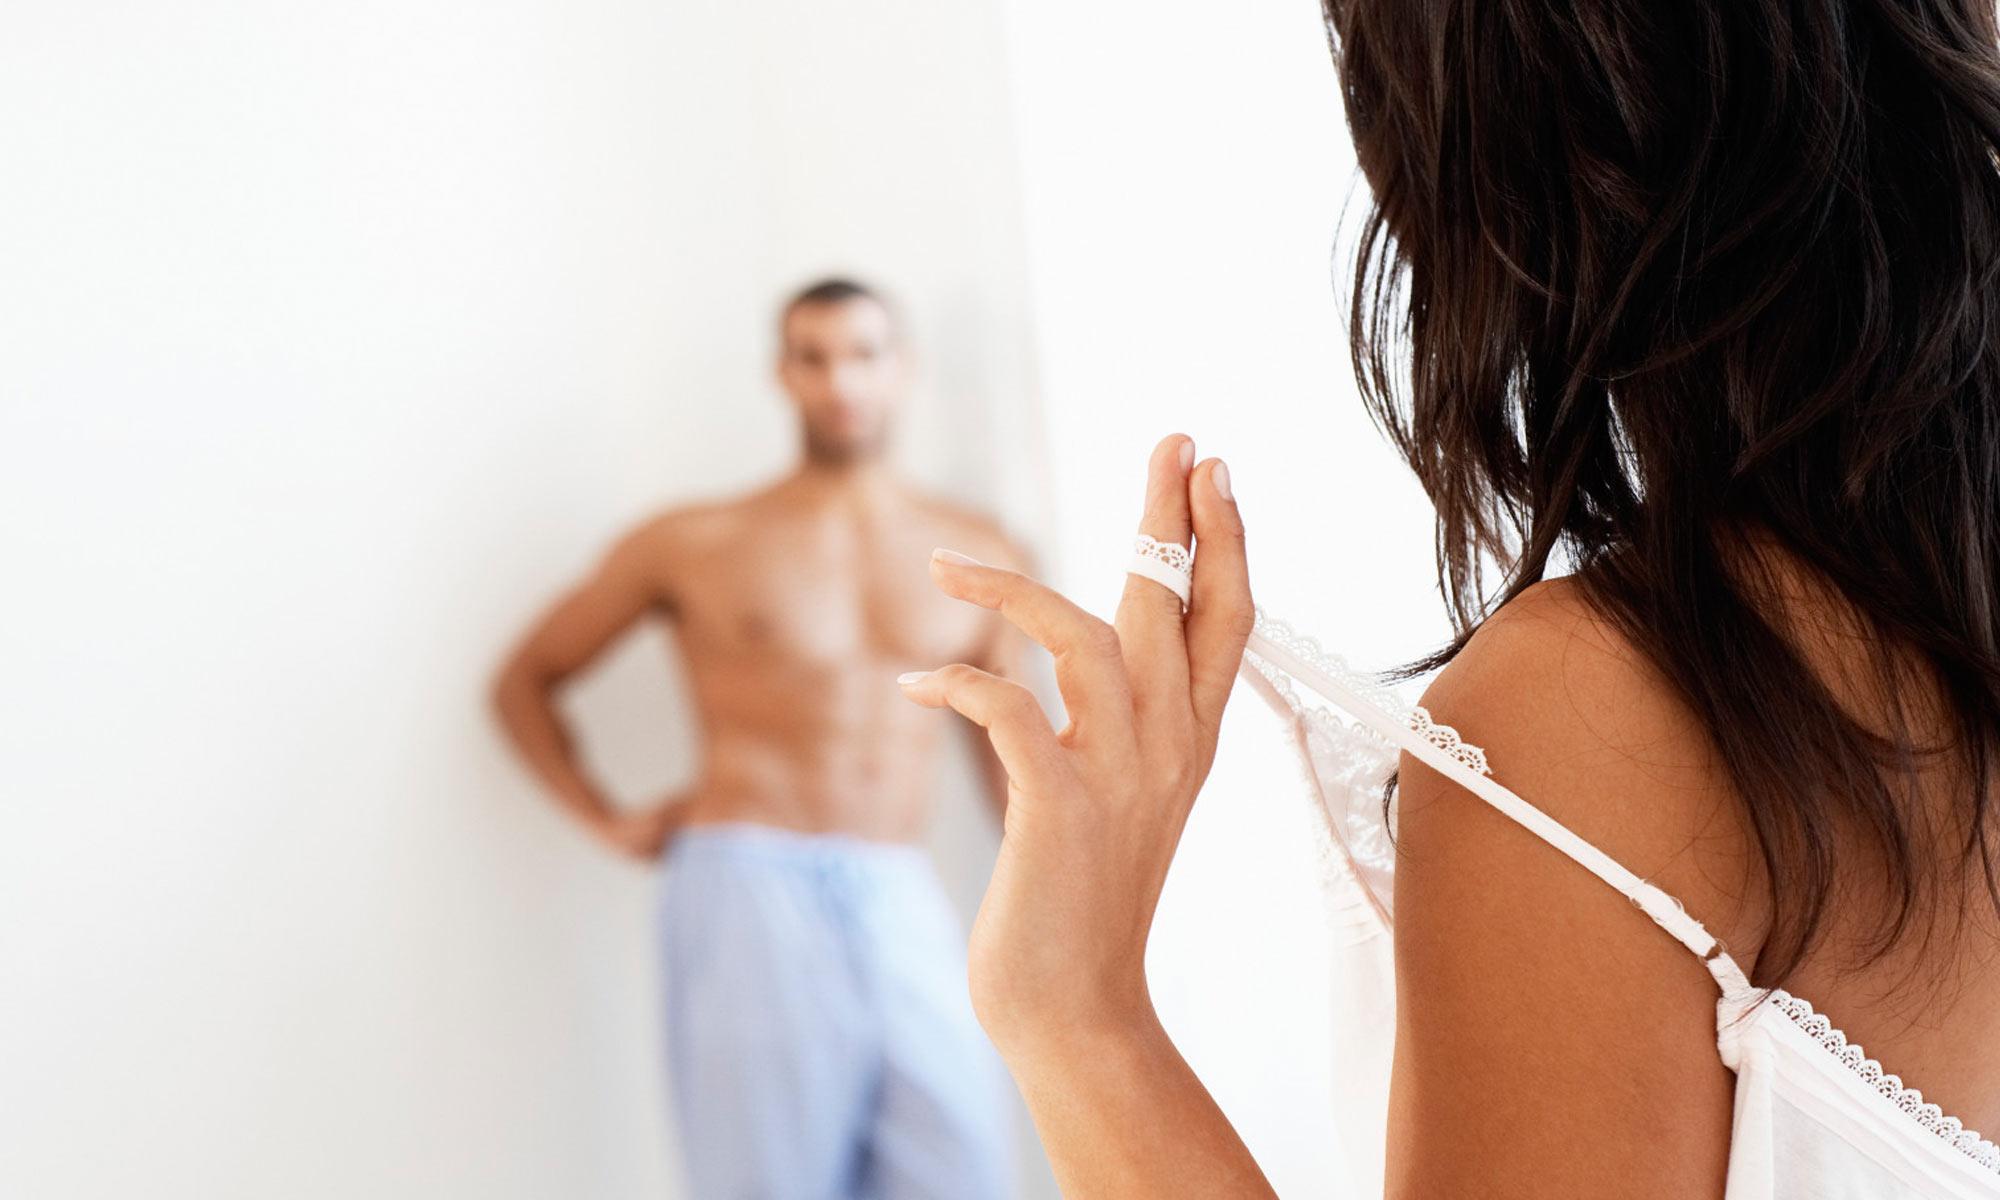 Sexuella hjälpmedel för ett fungerande sexliv